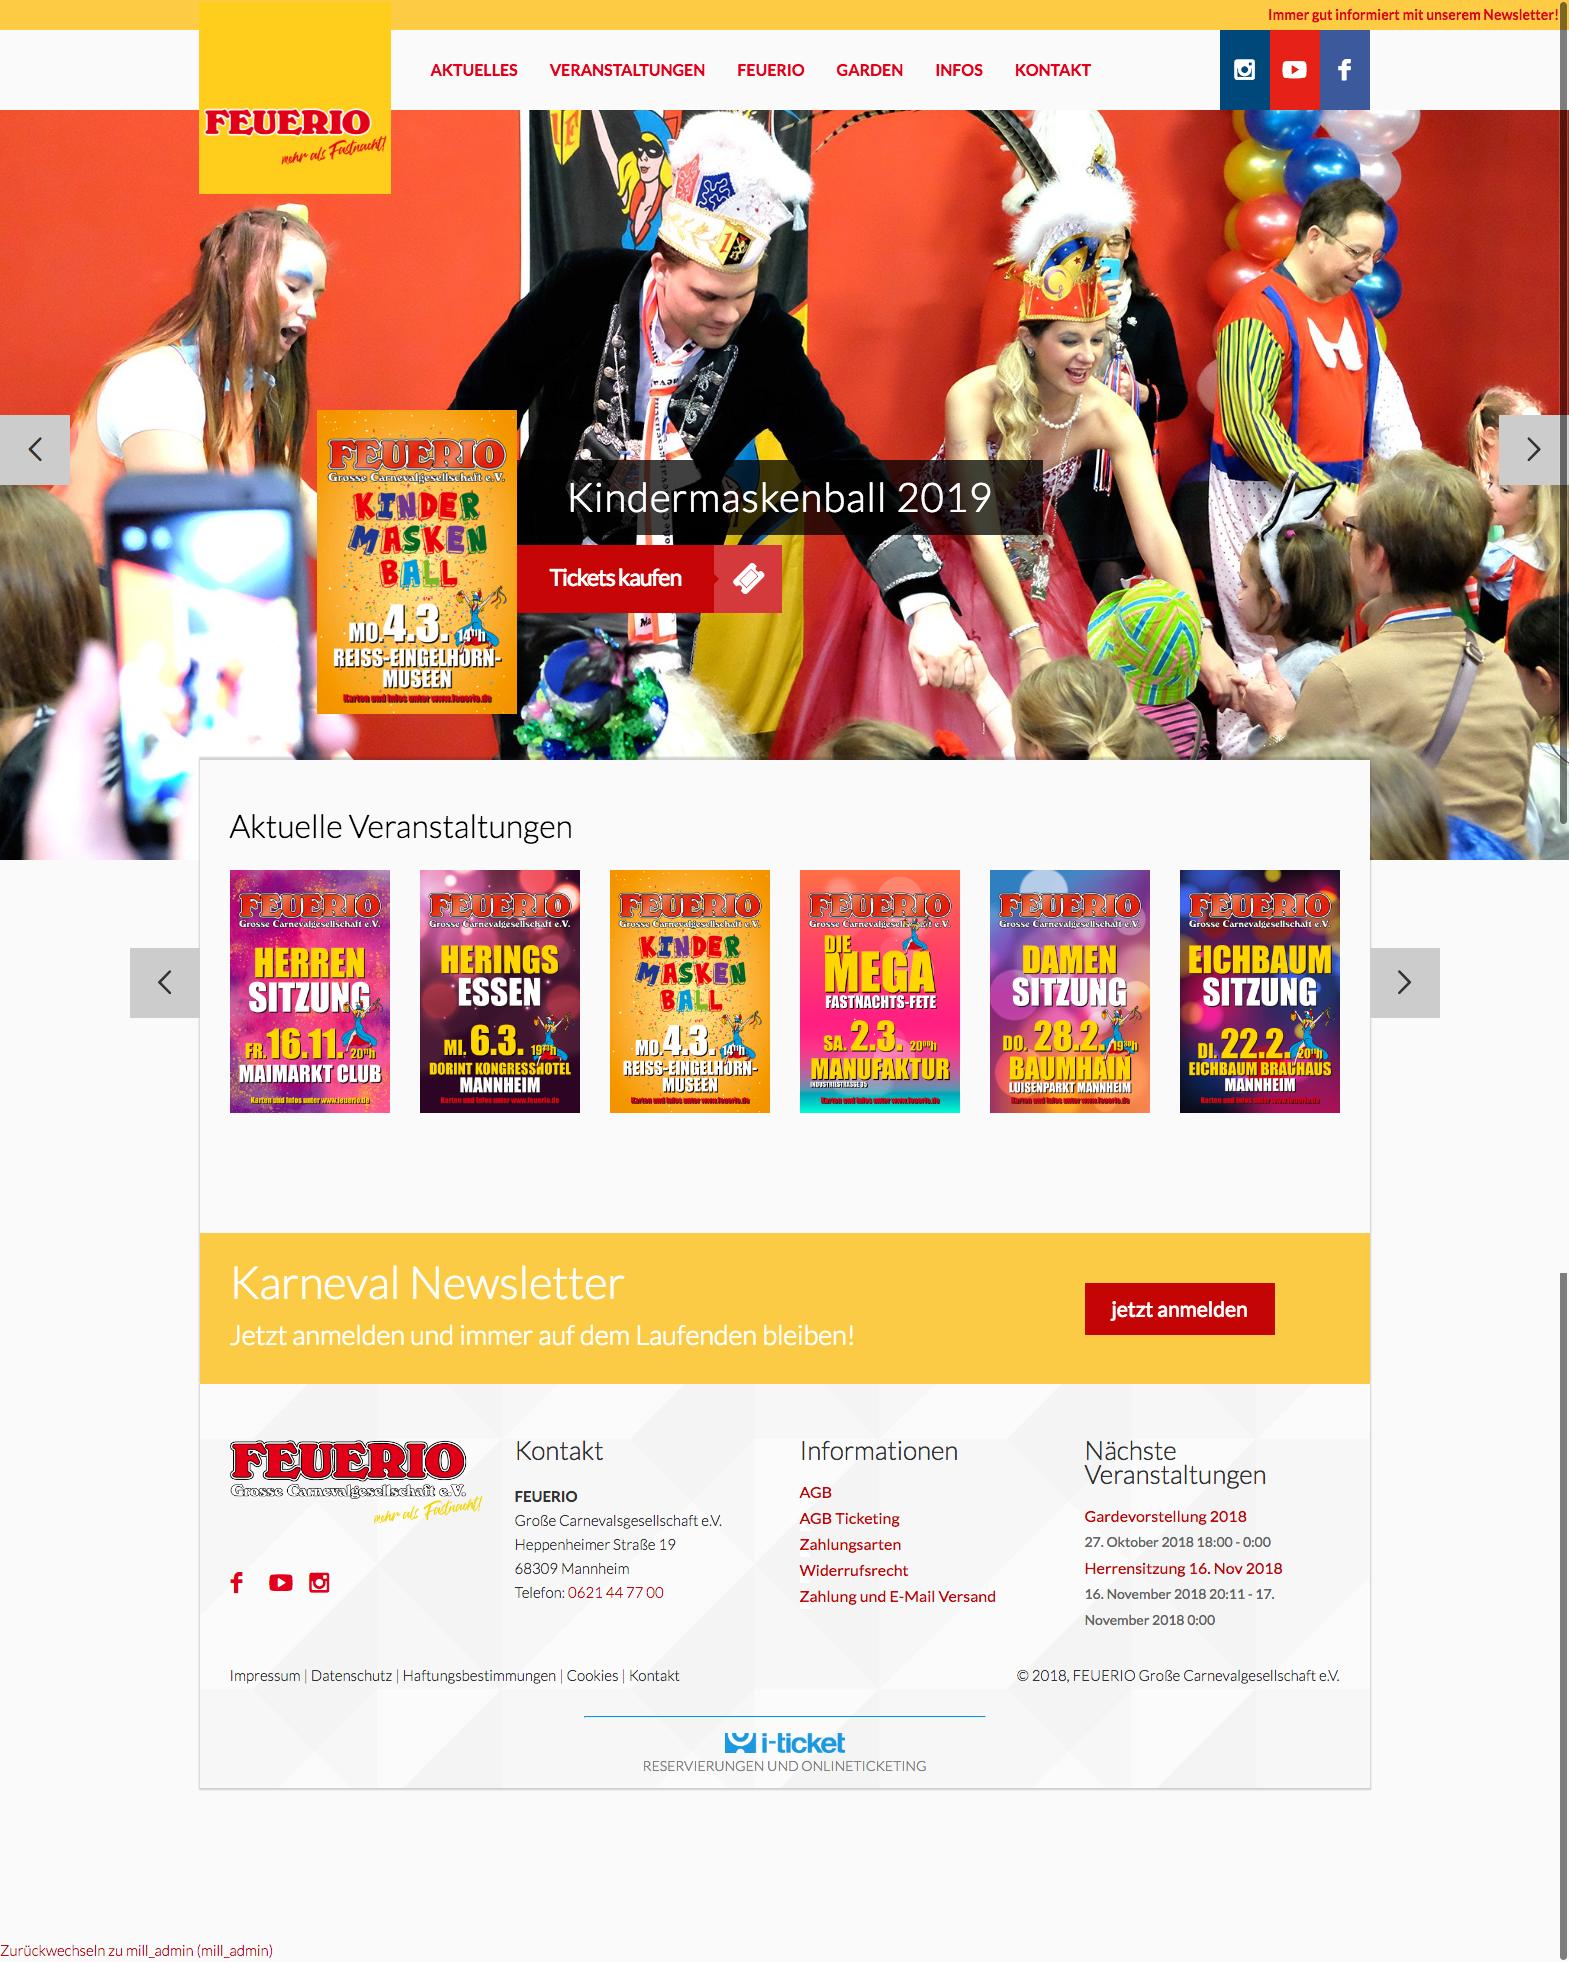 feuerio_1 FEUERIO Relaunch Internetpräsenz und Onlineticketing